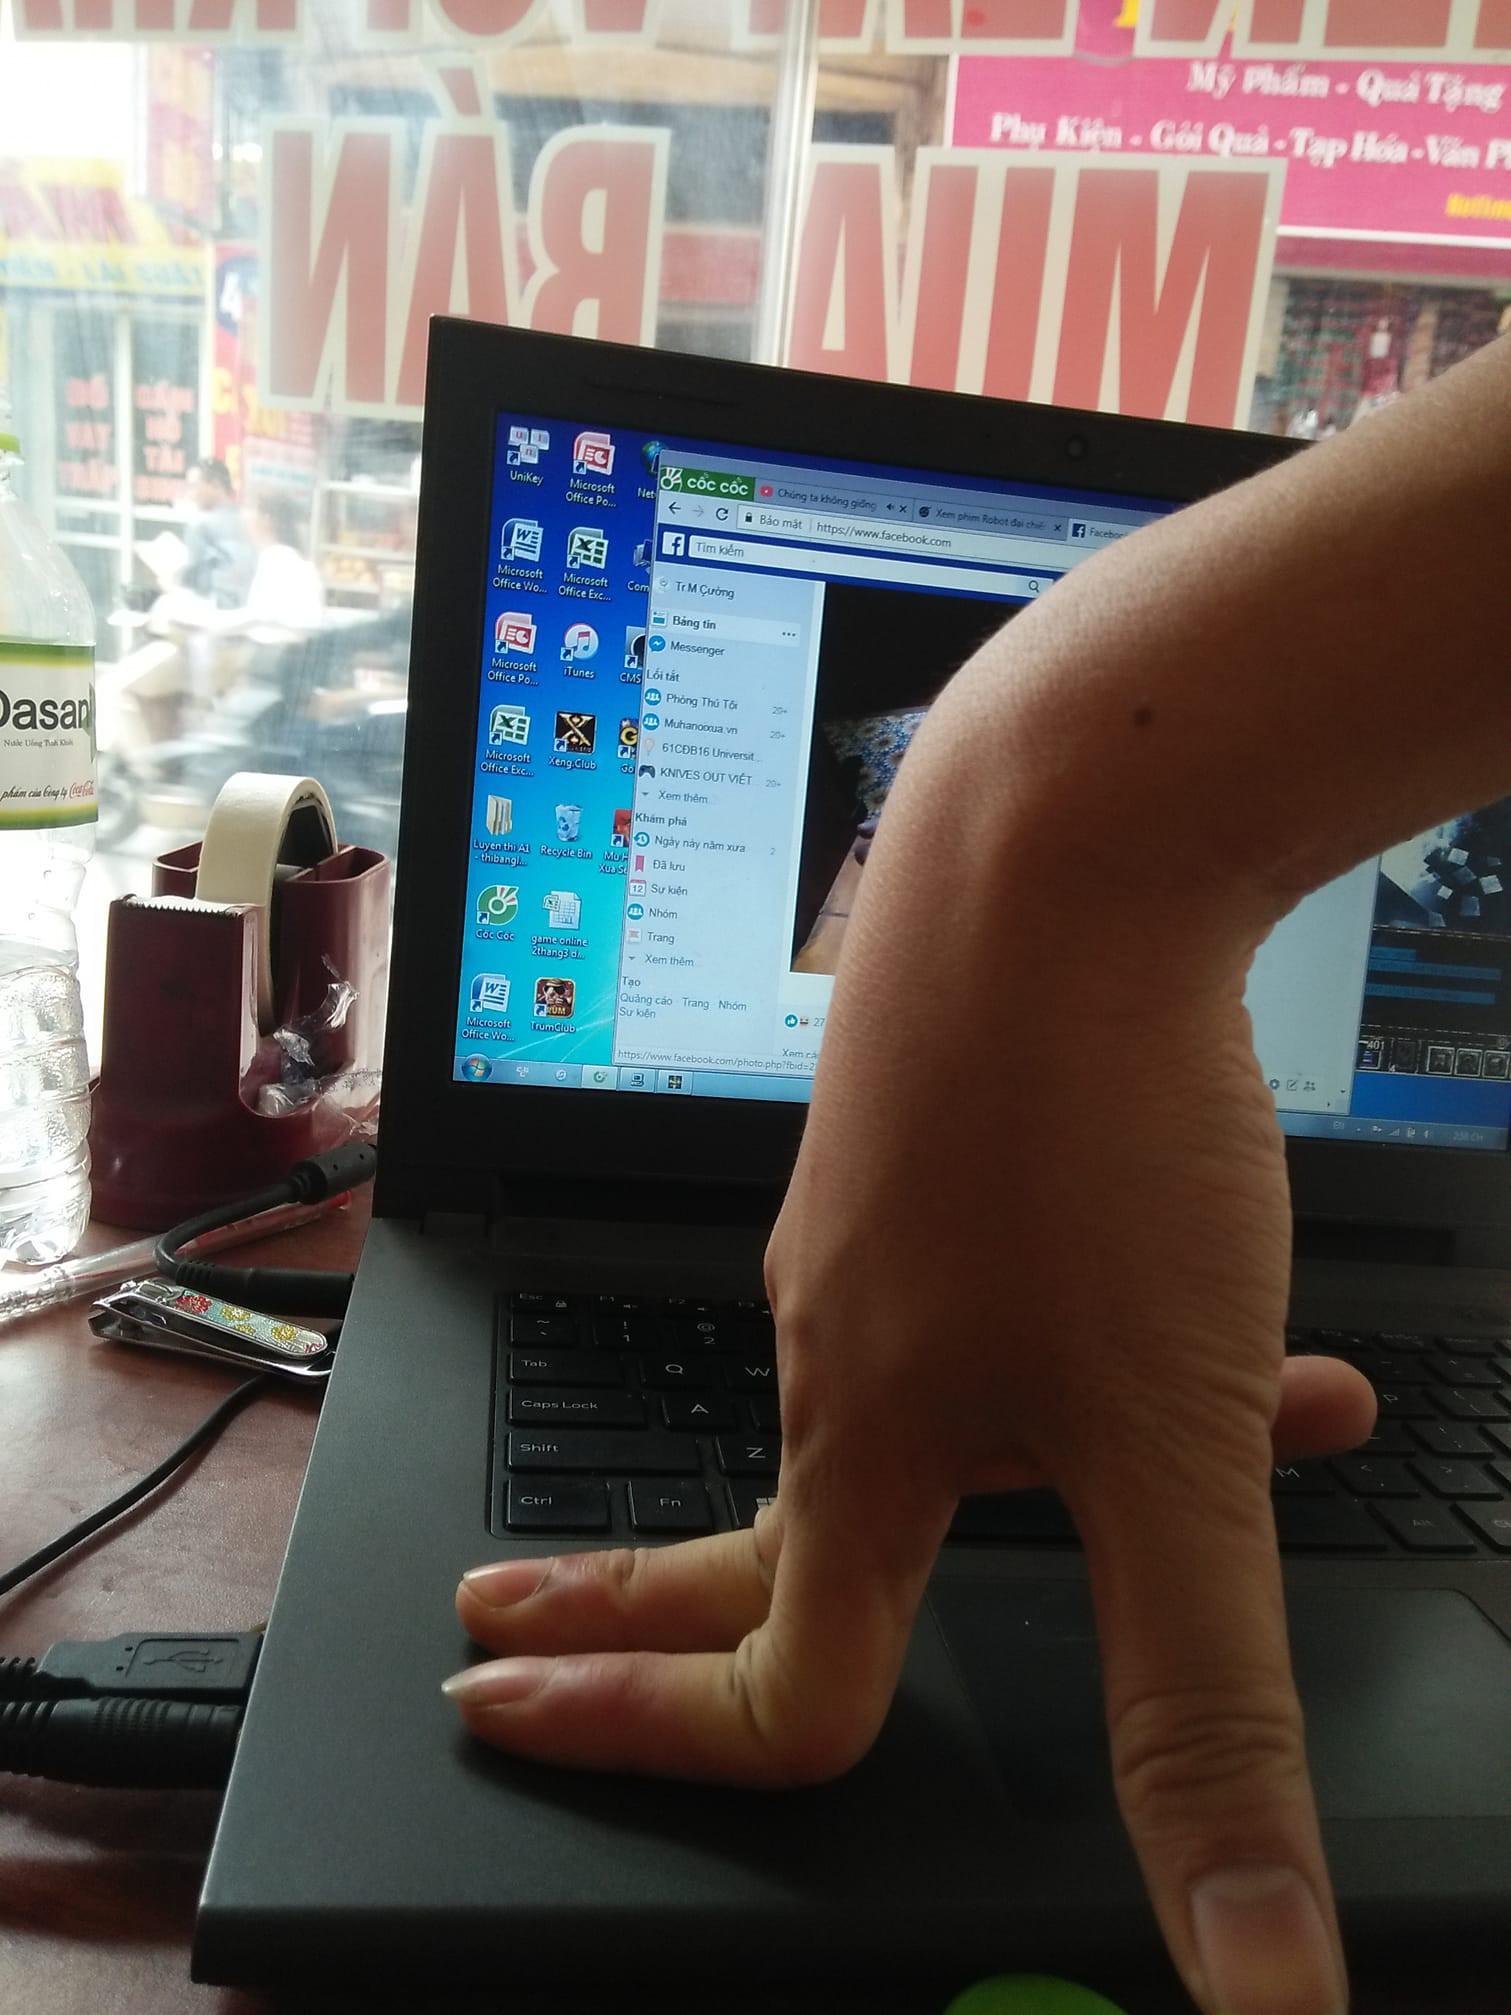 Chùm ảnh: Hội các thanh niên tay cong, tay khù khoằm cùng điểm danh trên Facebook - Ảnh 6.